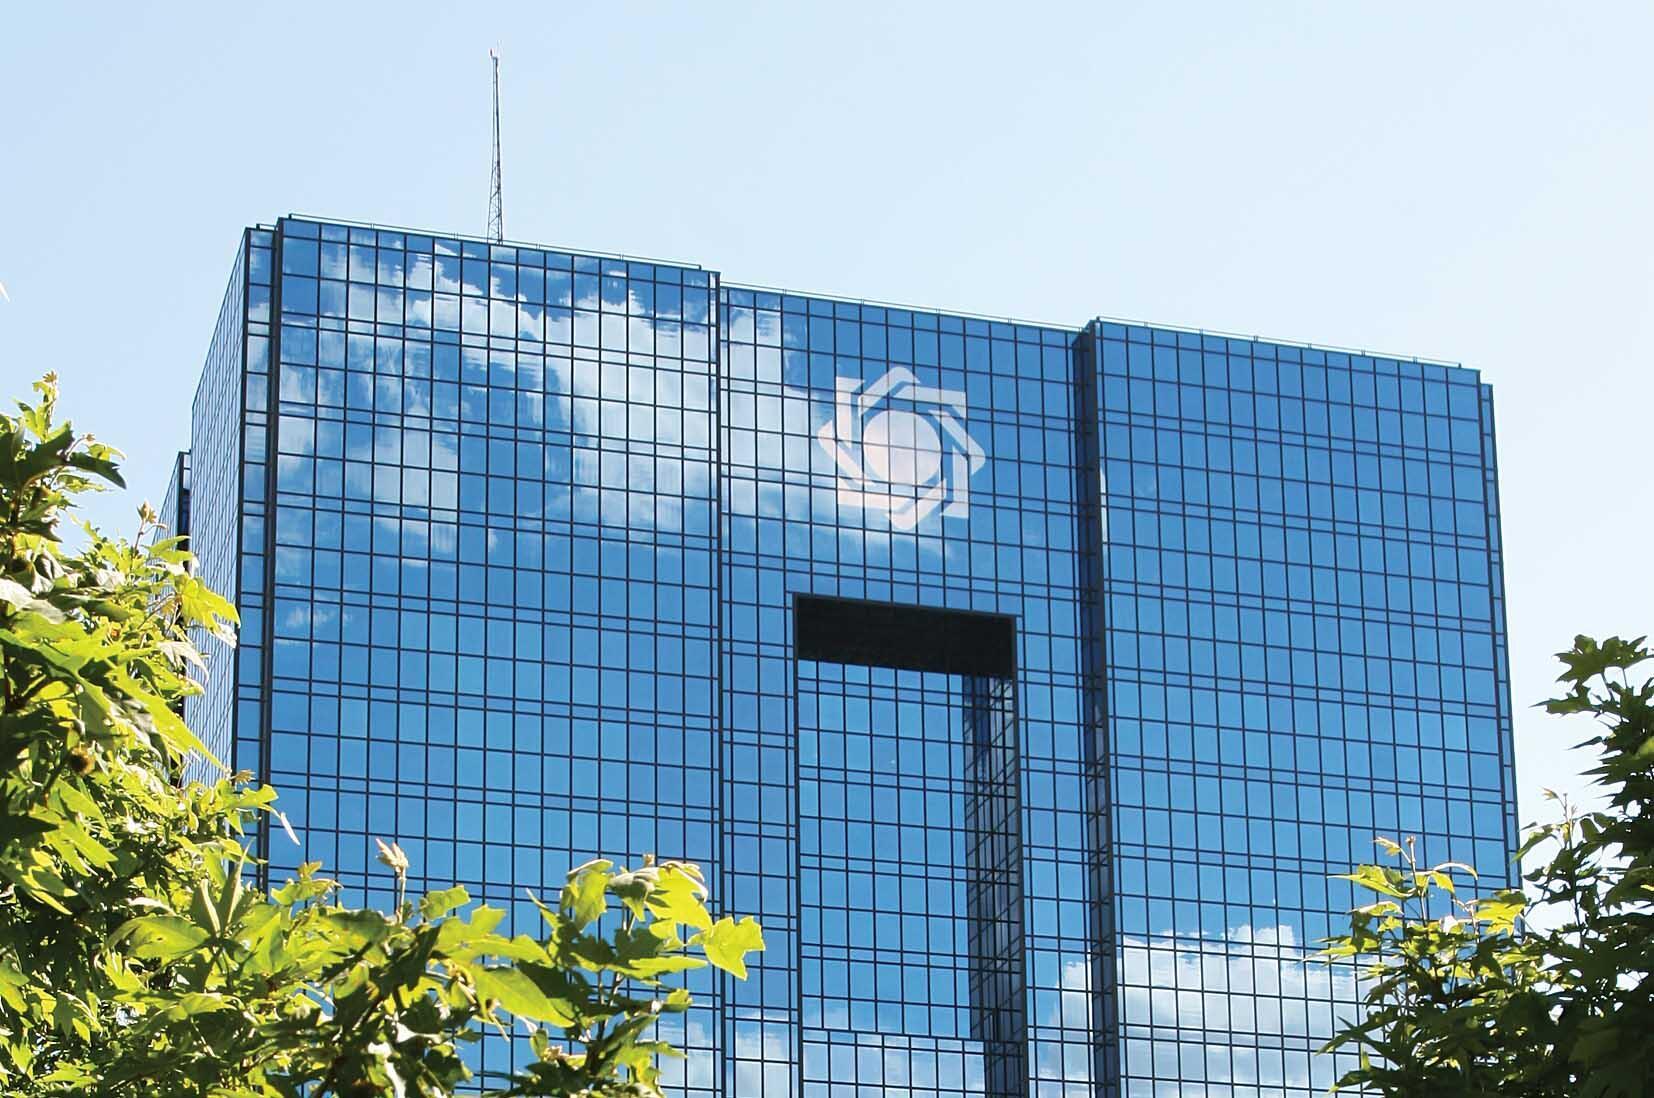 بانک مرکزی جمهوری اسلامی ایران، اتهامات دستگاه قضایی بحرین درباره پولشویی را سیاسی خواند.